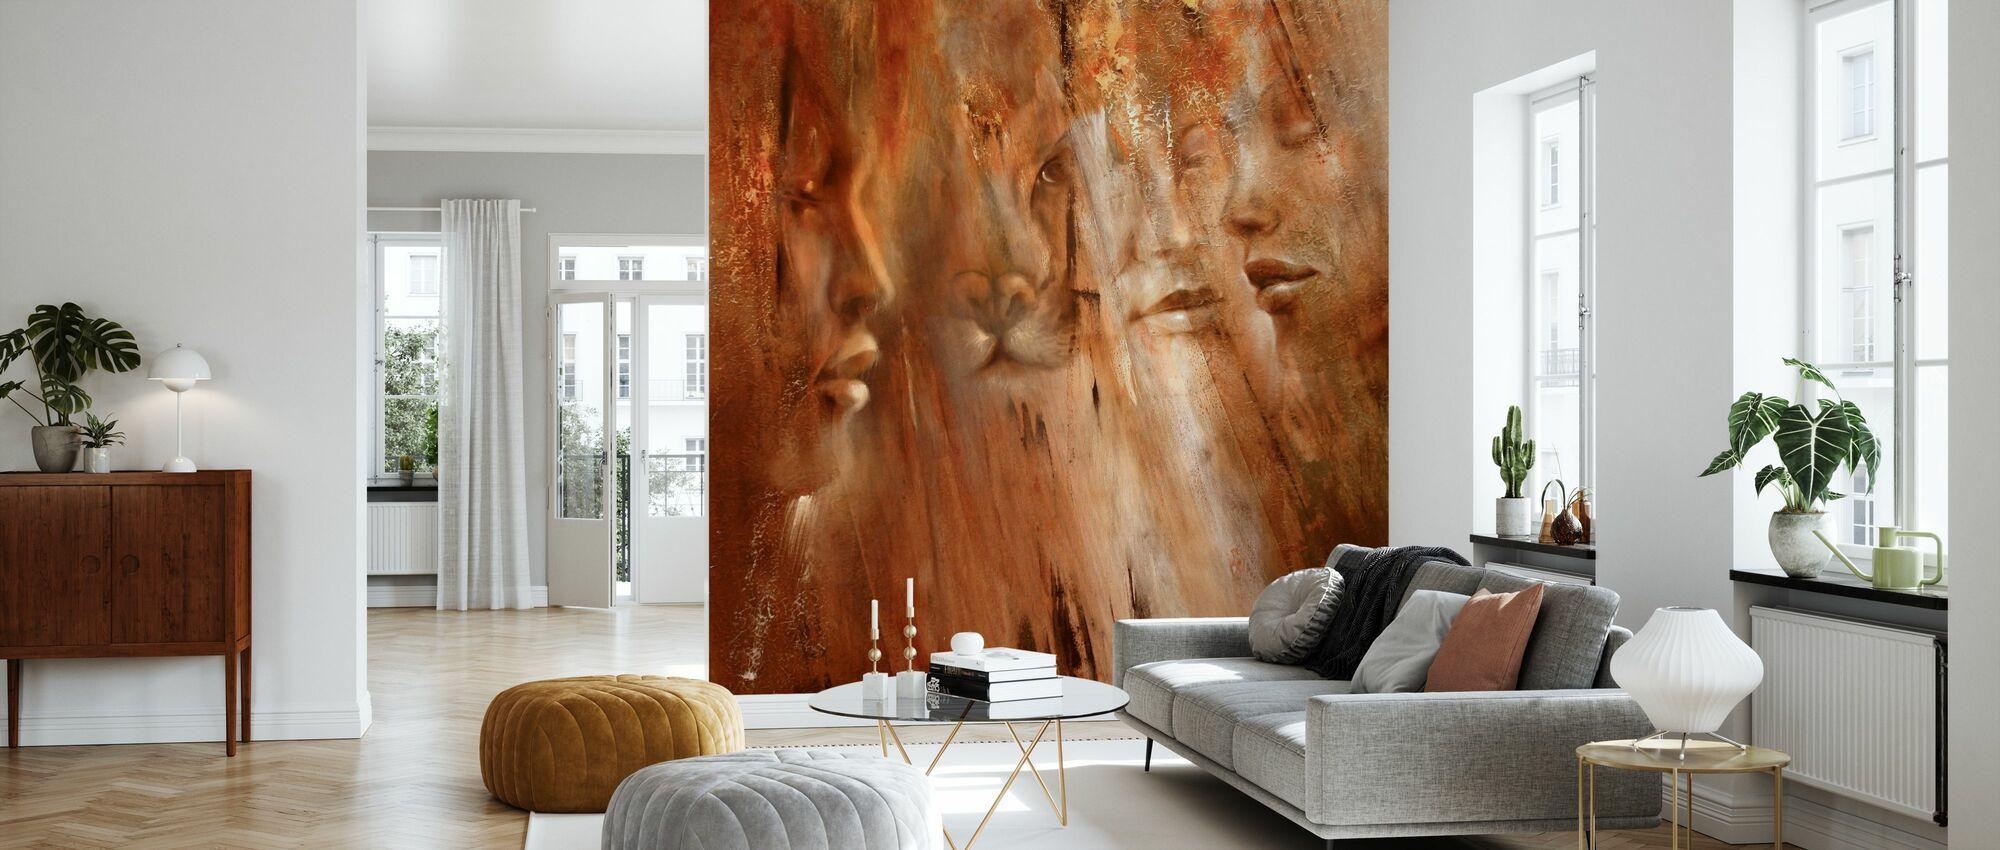 Faces II - Wallpaper - Living Room